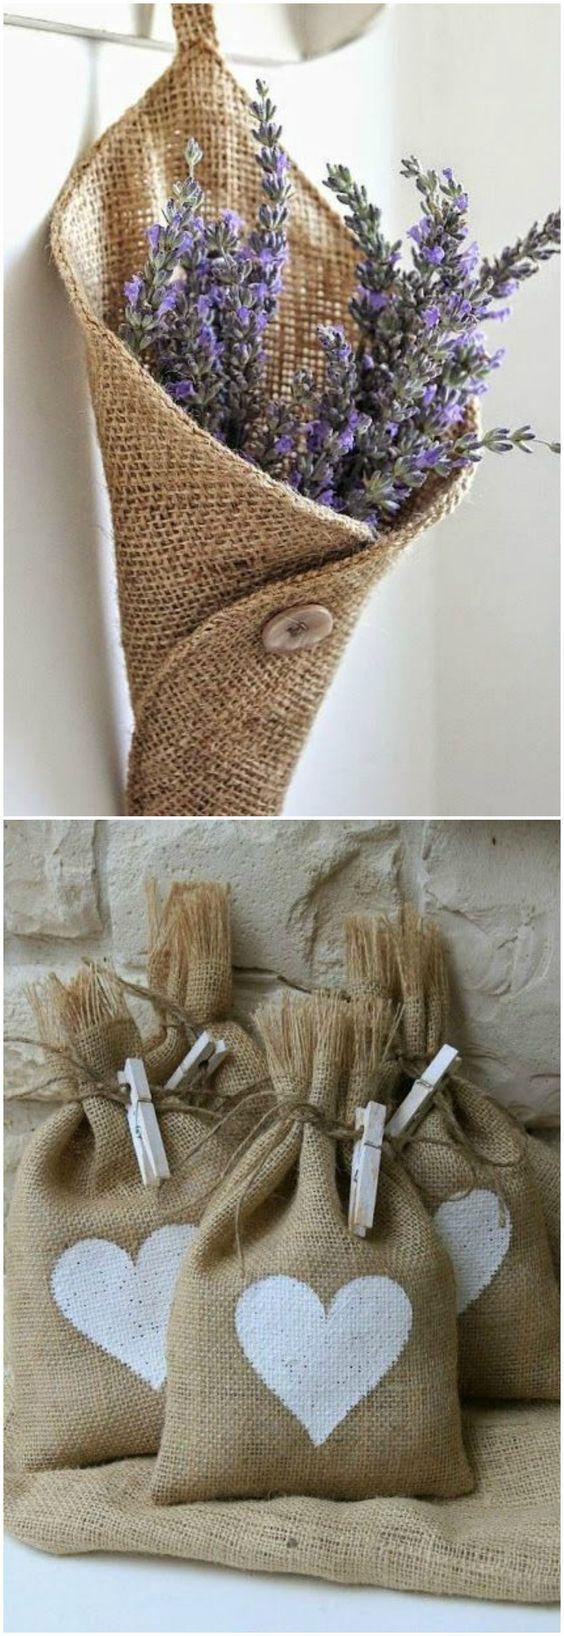 M s de 1000 ideas sobre artesan as de arpillera en - Manualidades con tela de saco ...